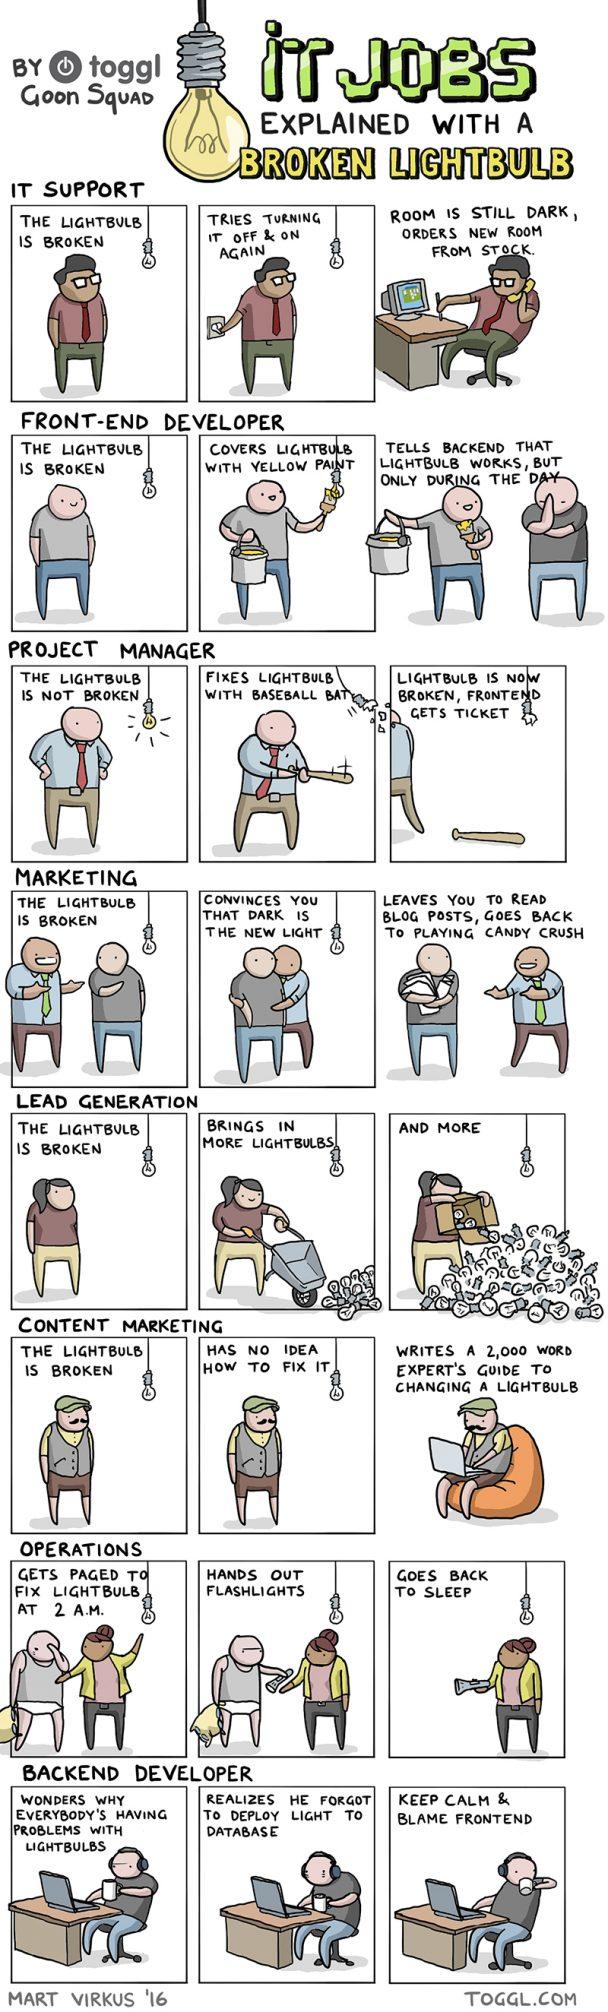 IT jobs explained with a broken lightbulb | developer-memes, marketing-memes, backend-memes, frontend-memes, data-memes, database-memes, fix-memes, IT-memes, idea-memes, ide-memes, front-end-memes, manager-memes | ProgrammerHumor.io